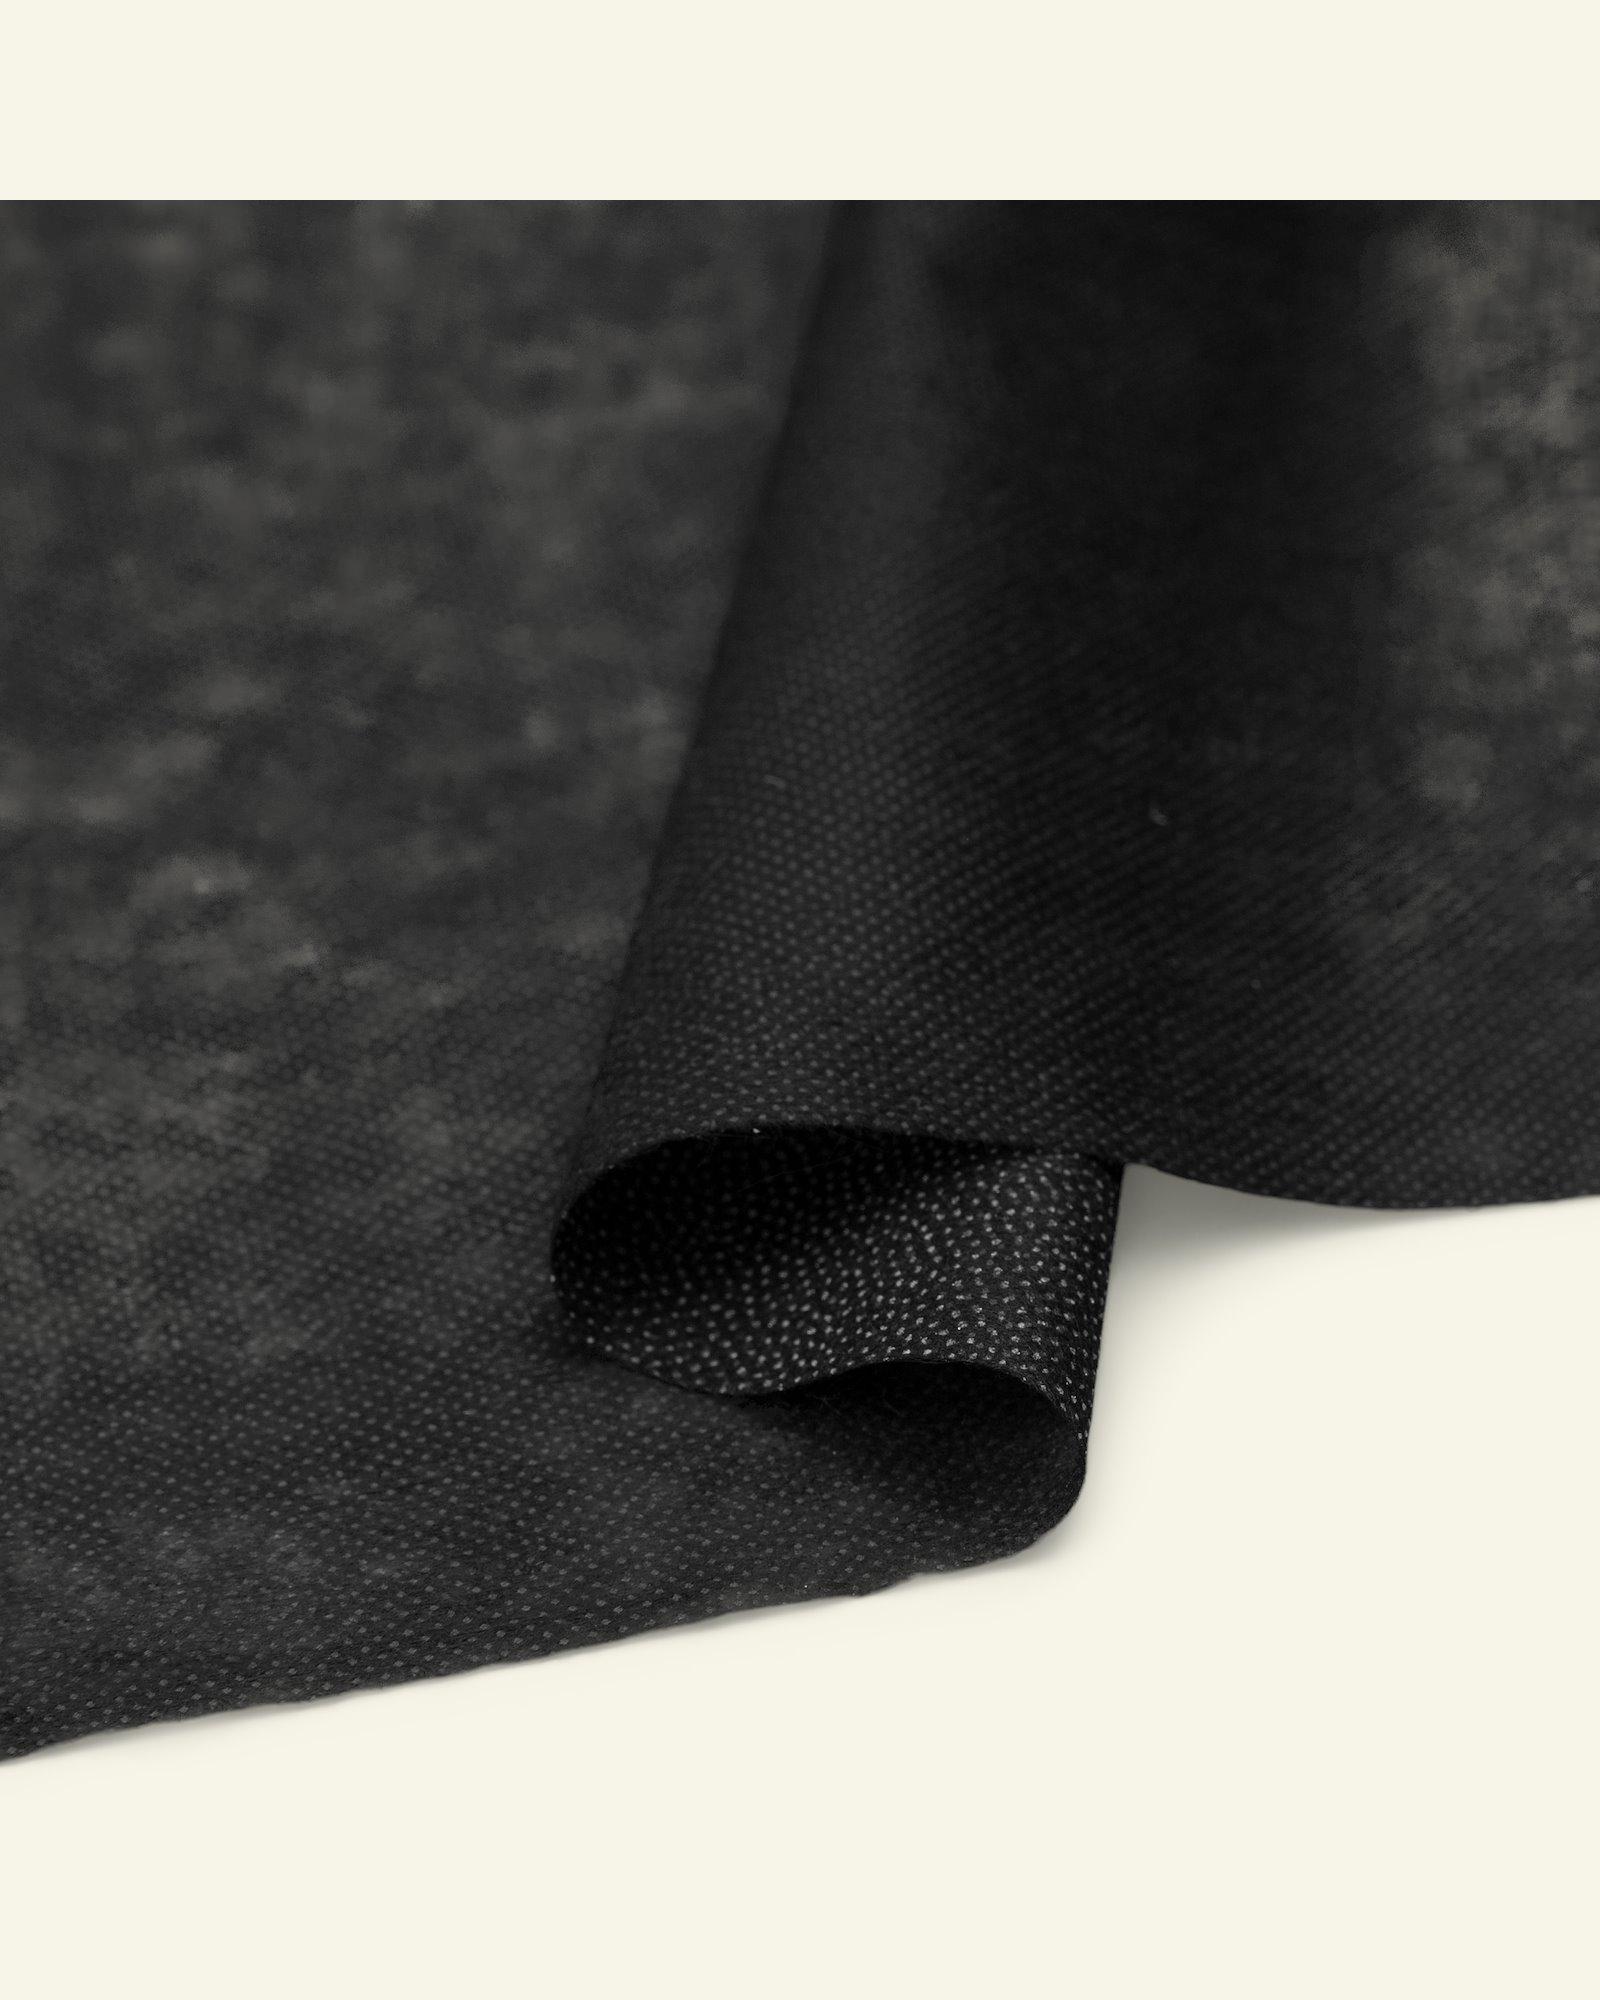 Stretch knitted interlining black w/glue